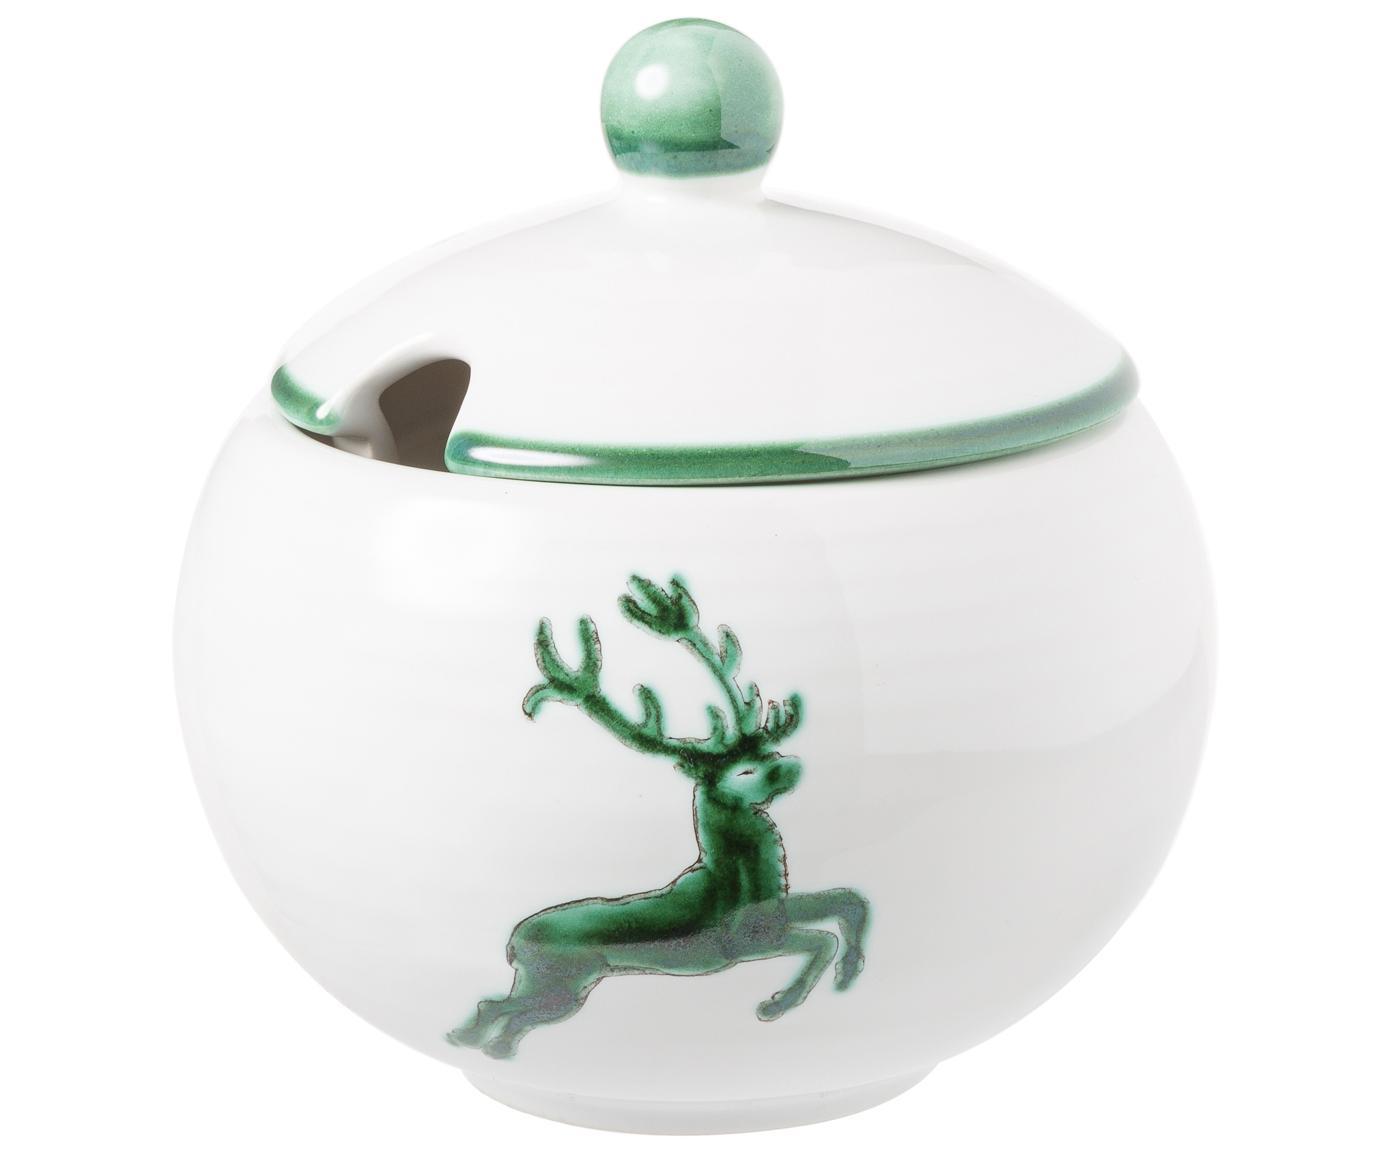 Ciotola di zucchero classica con cervi verdi, Ceramica, Bianco, Ø 10 cm